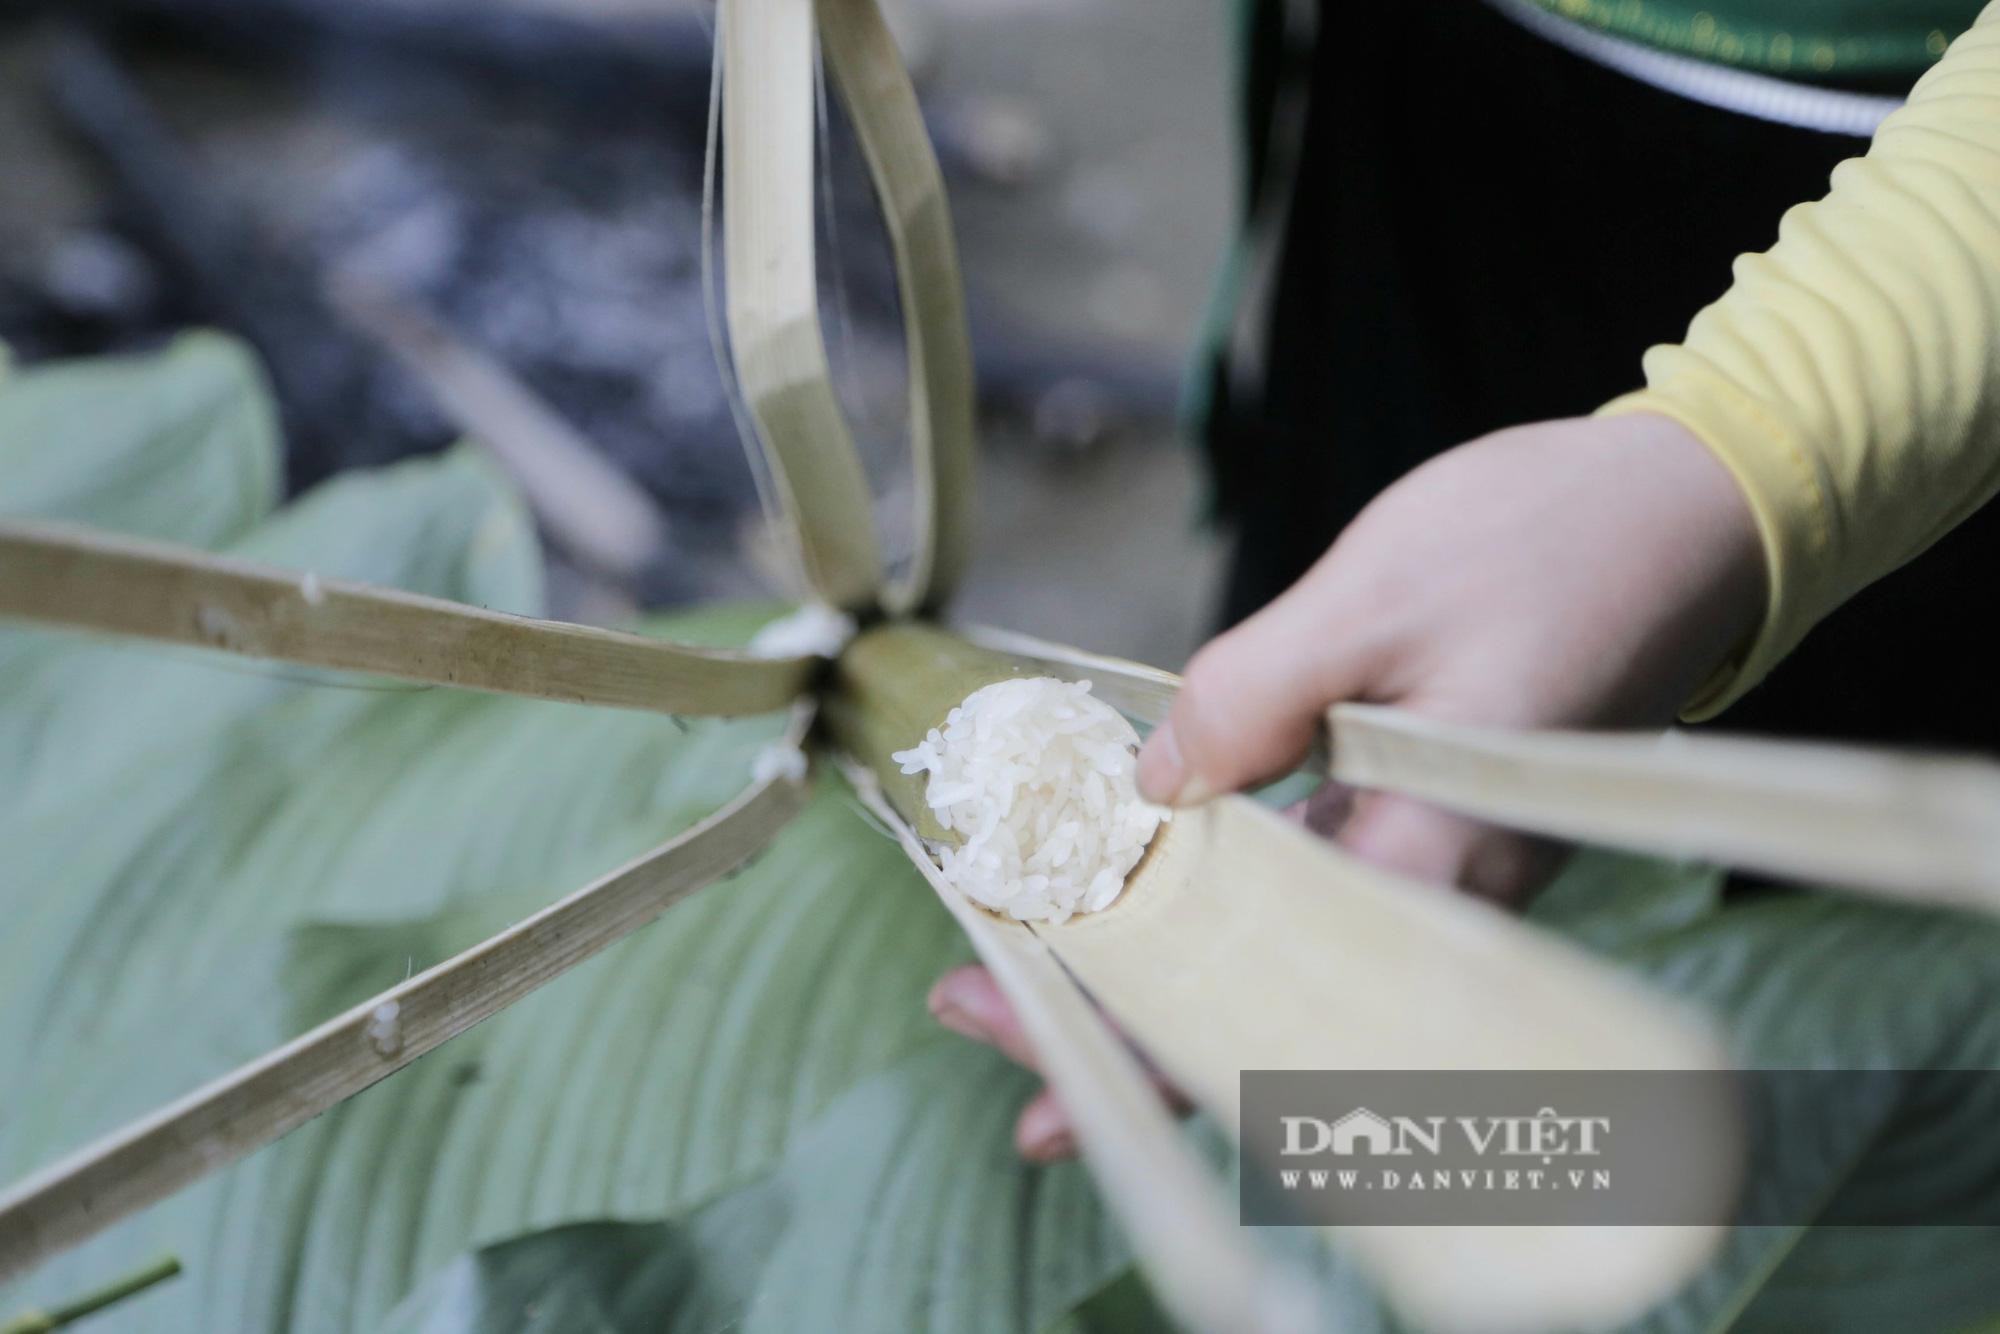 Đến Pù Luông thưởng thức món cơm lam truyền thống dân tộc Thái nơi đây - Ảnh 8.